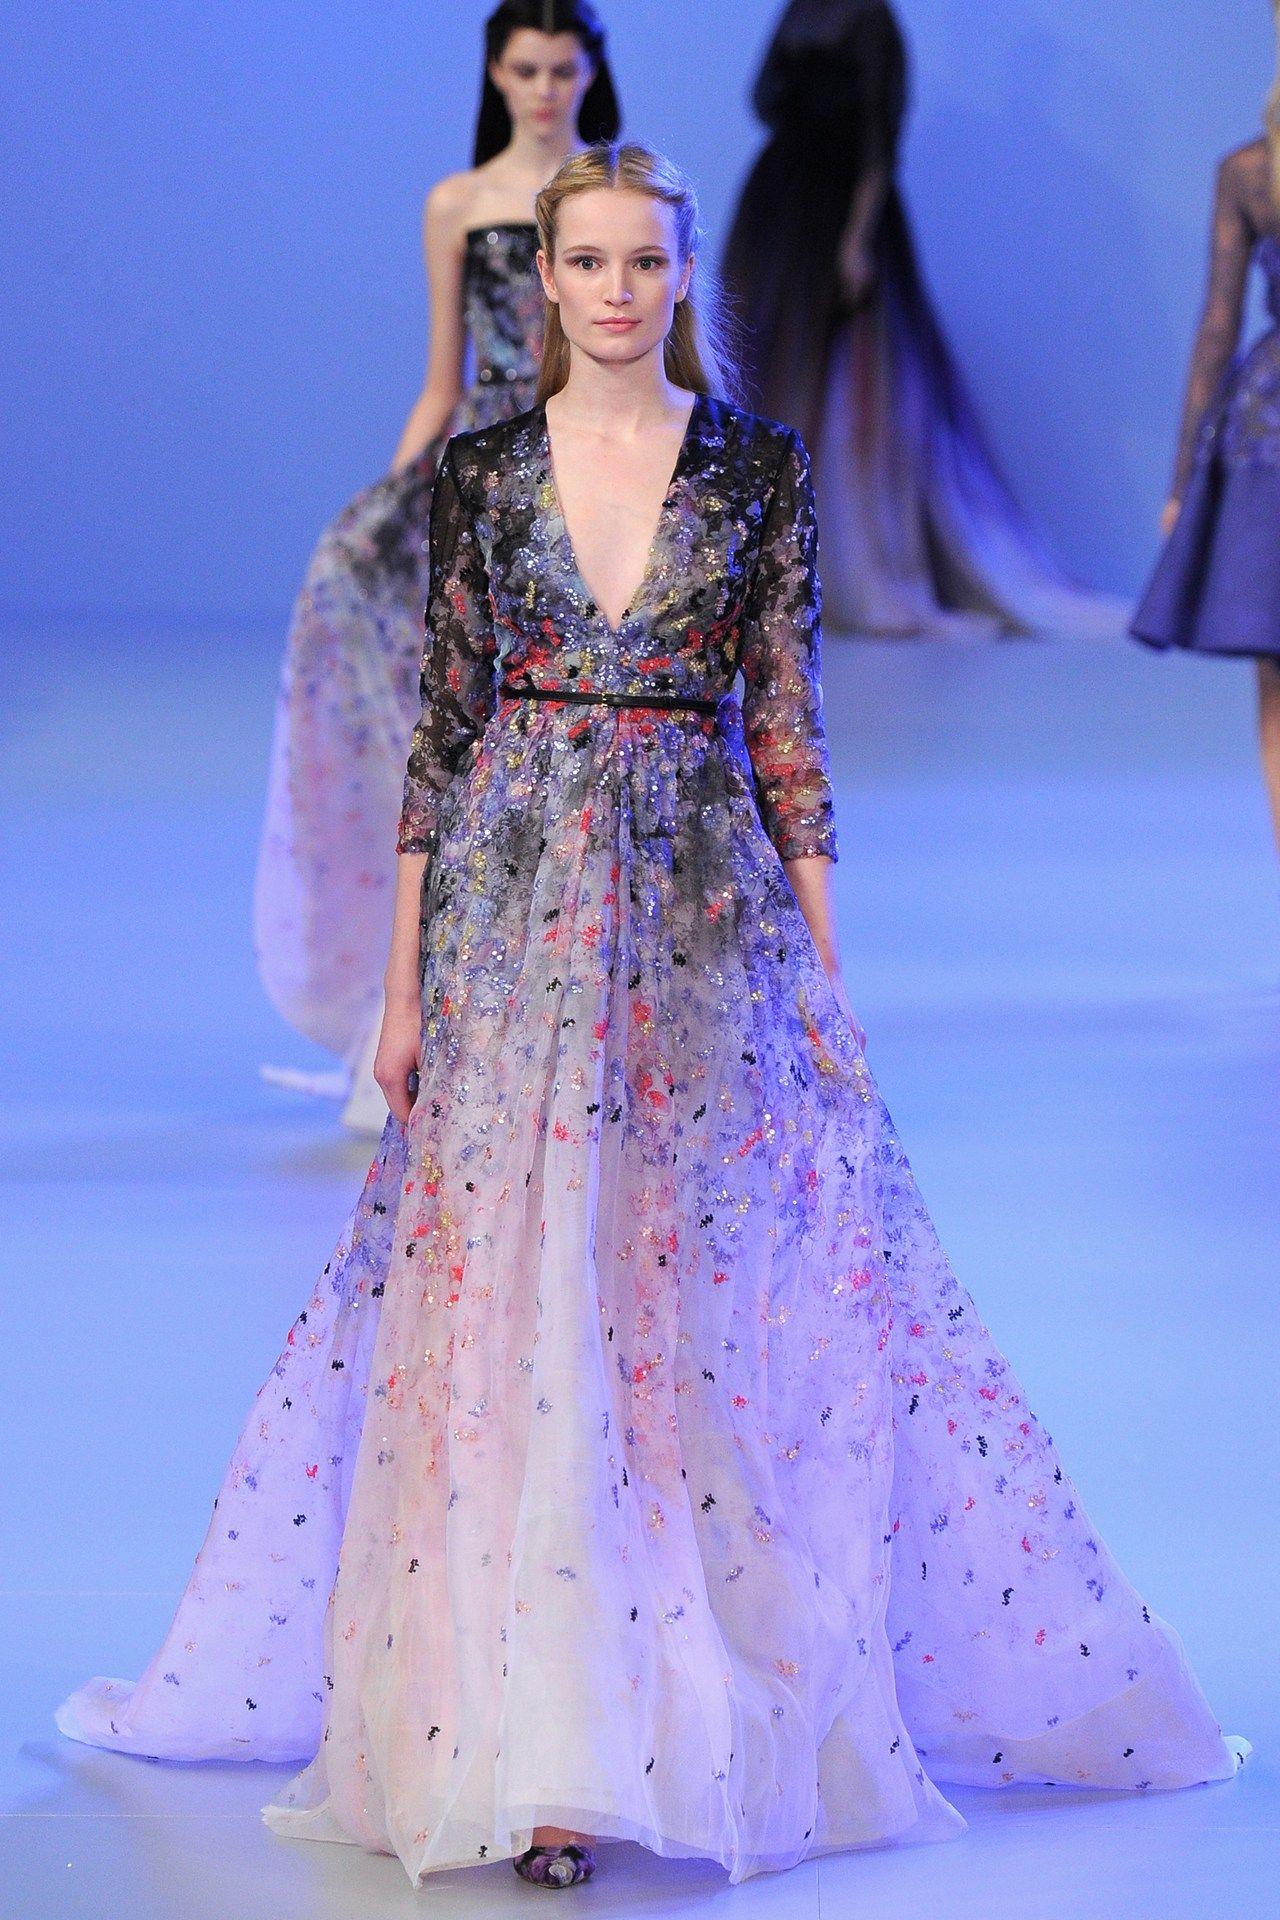 Elie Saab Spring/Summer 2014 Couture | Vestidos damas de honor, Alta ...